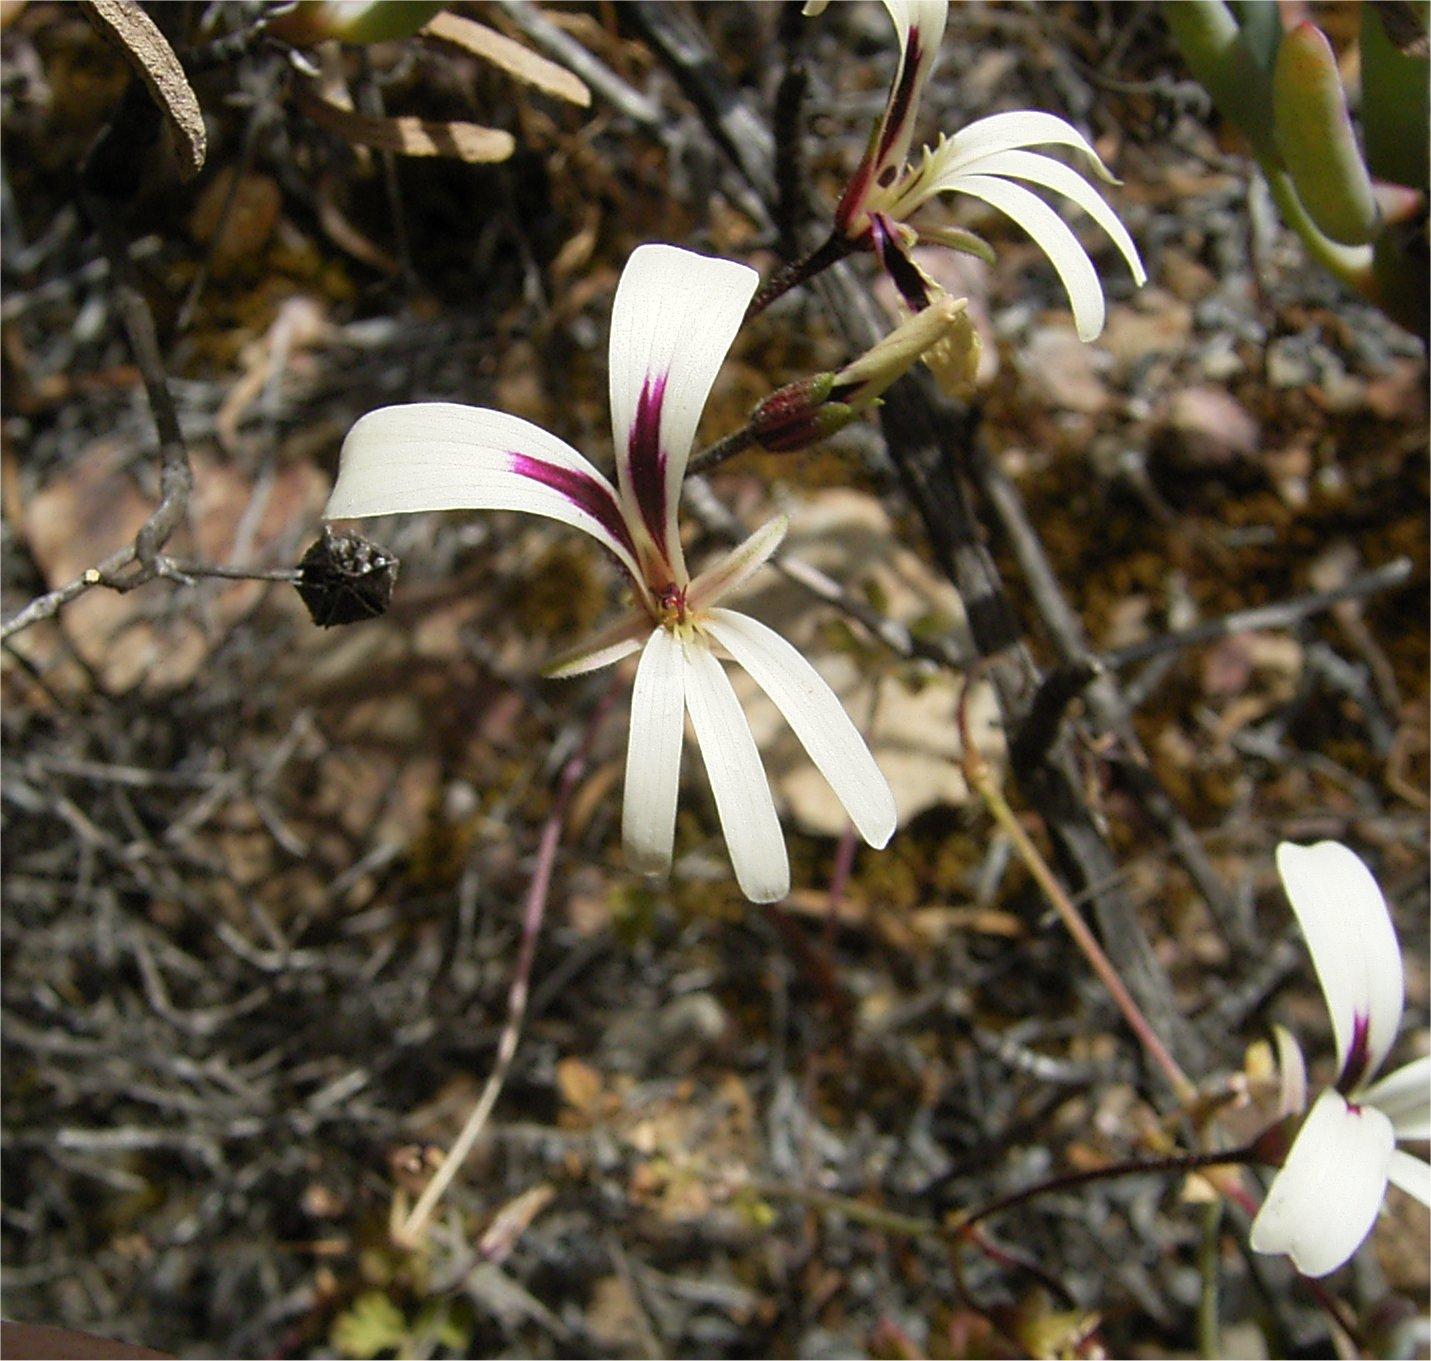 Pelargonium trifidum flowers